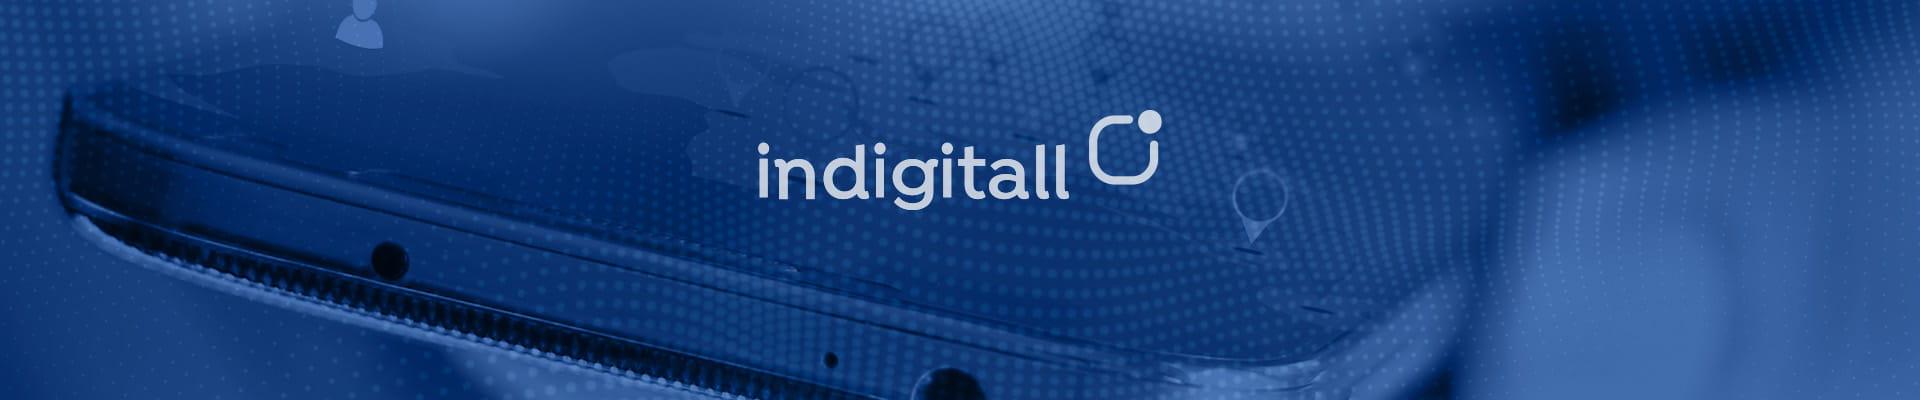 img-indigitall-front-slider-01